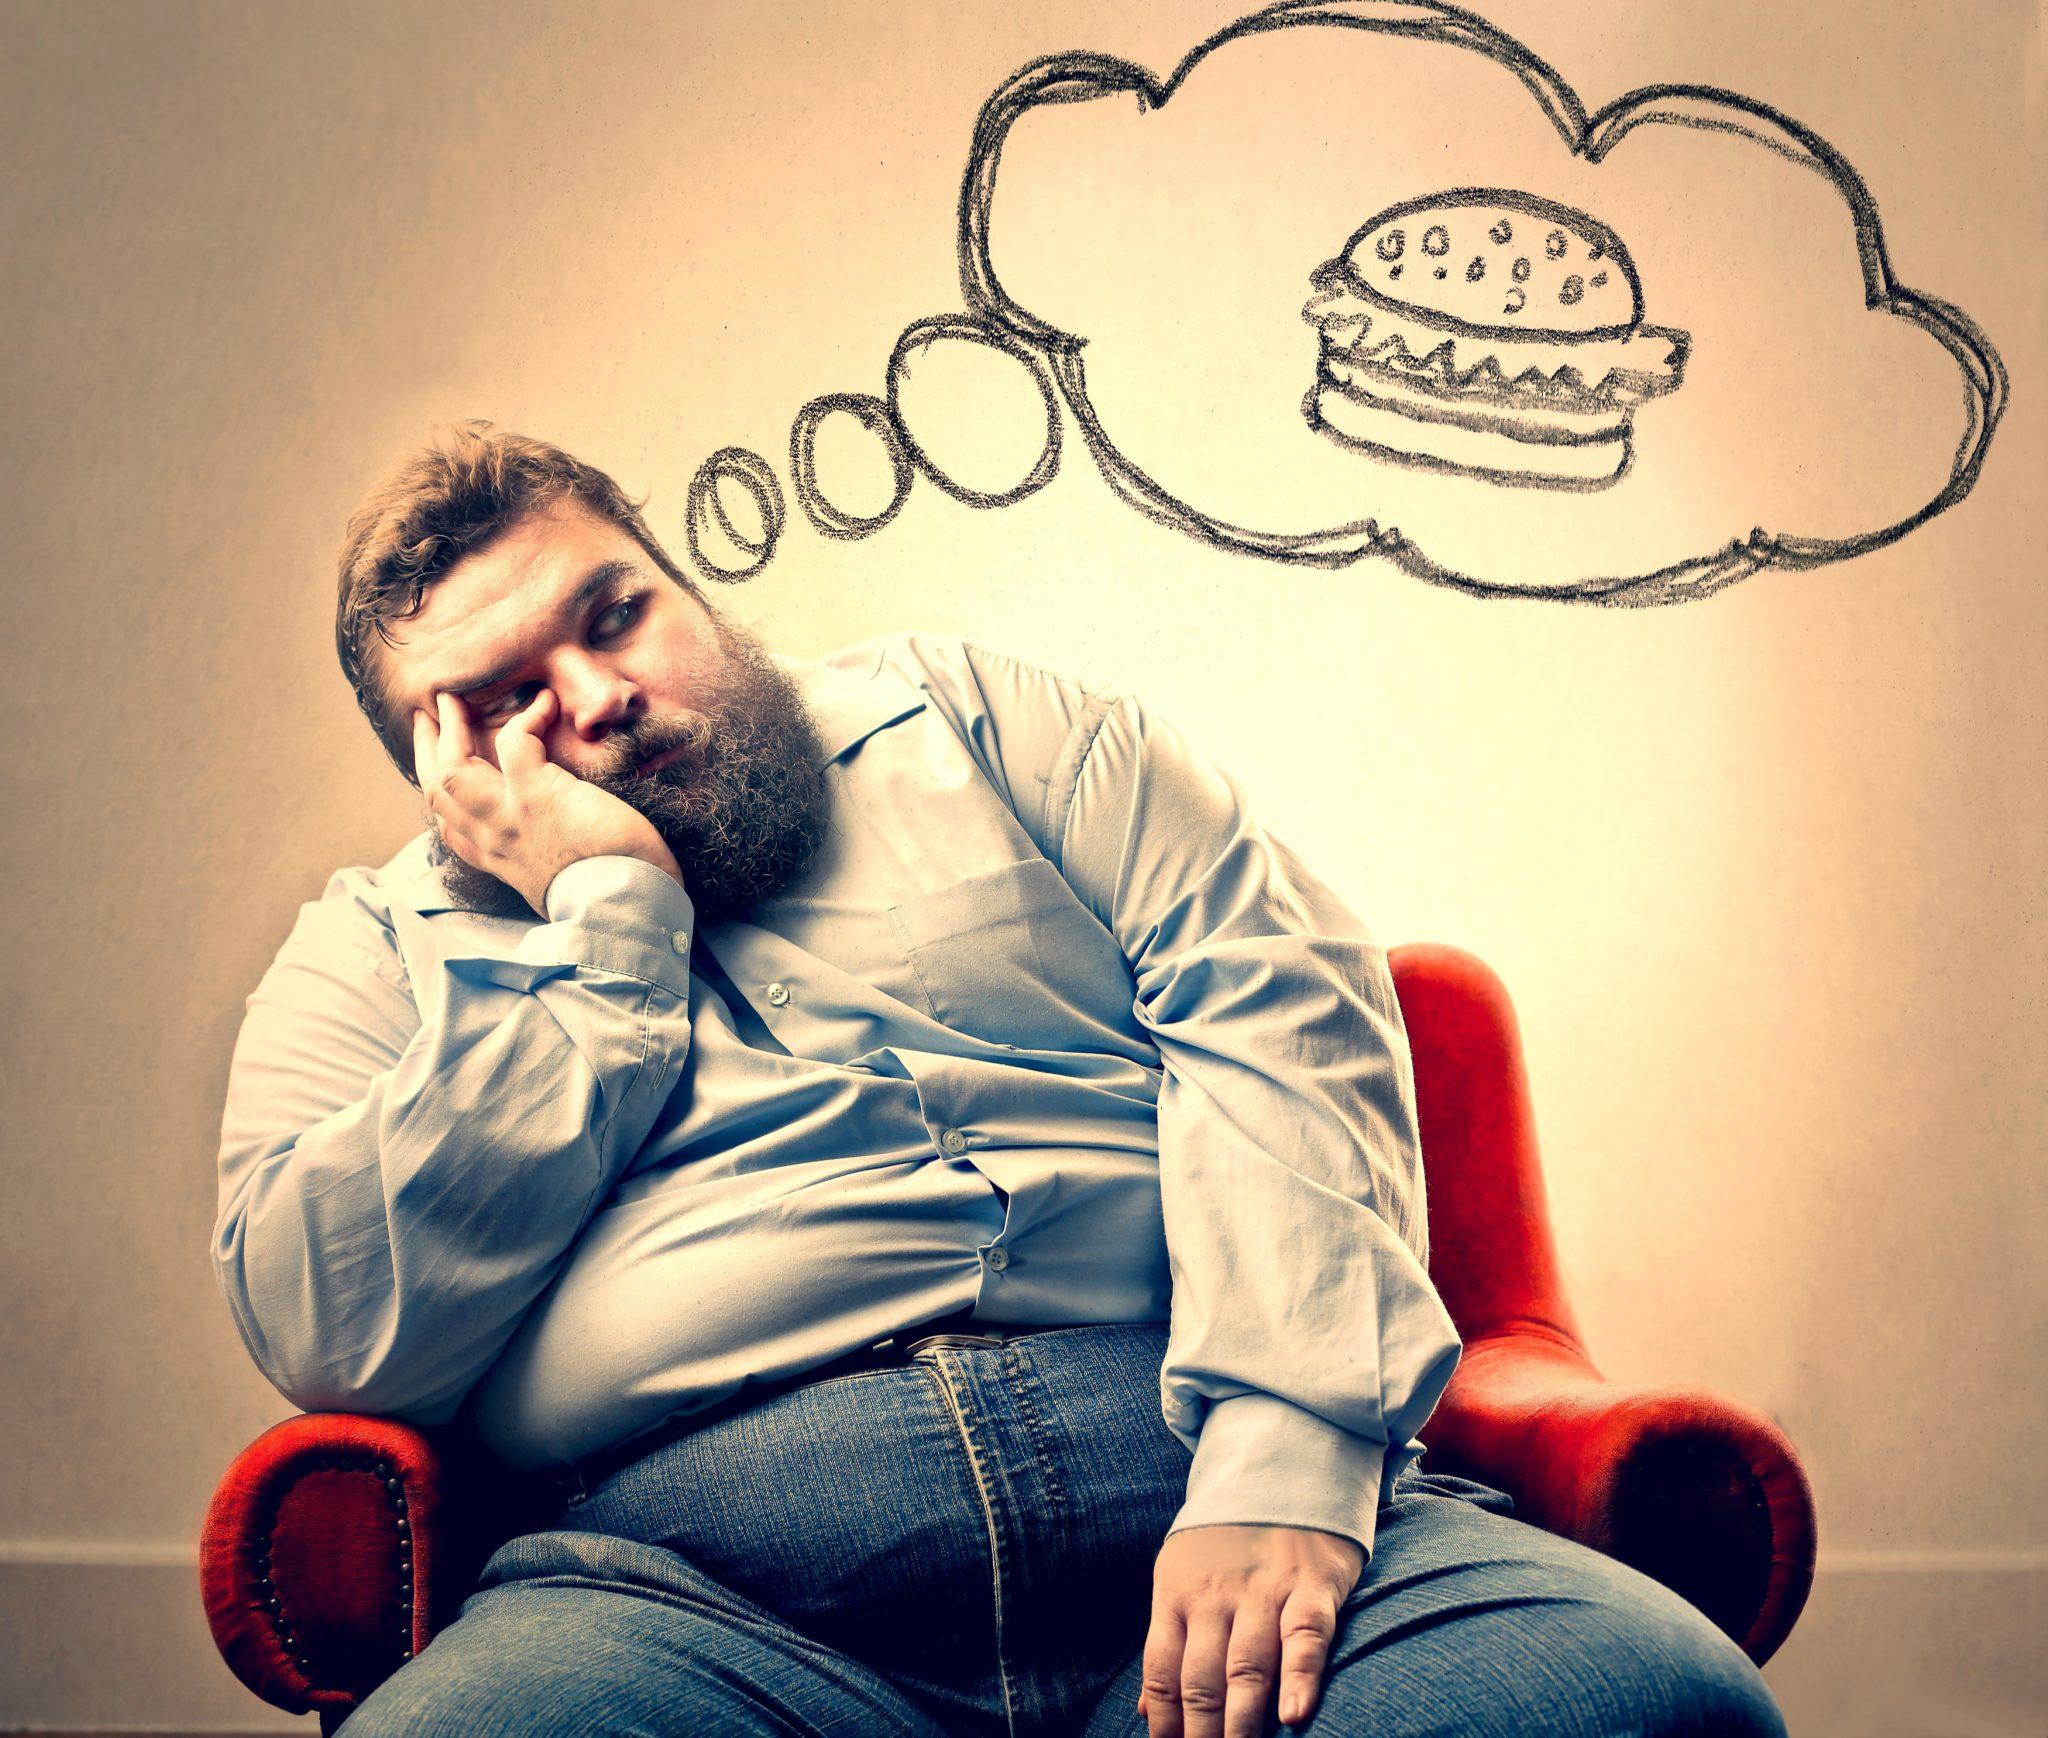 食事するか考えている肥満体系の男性